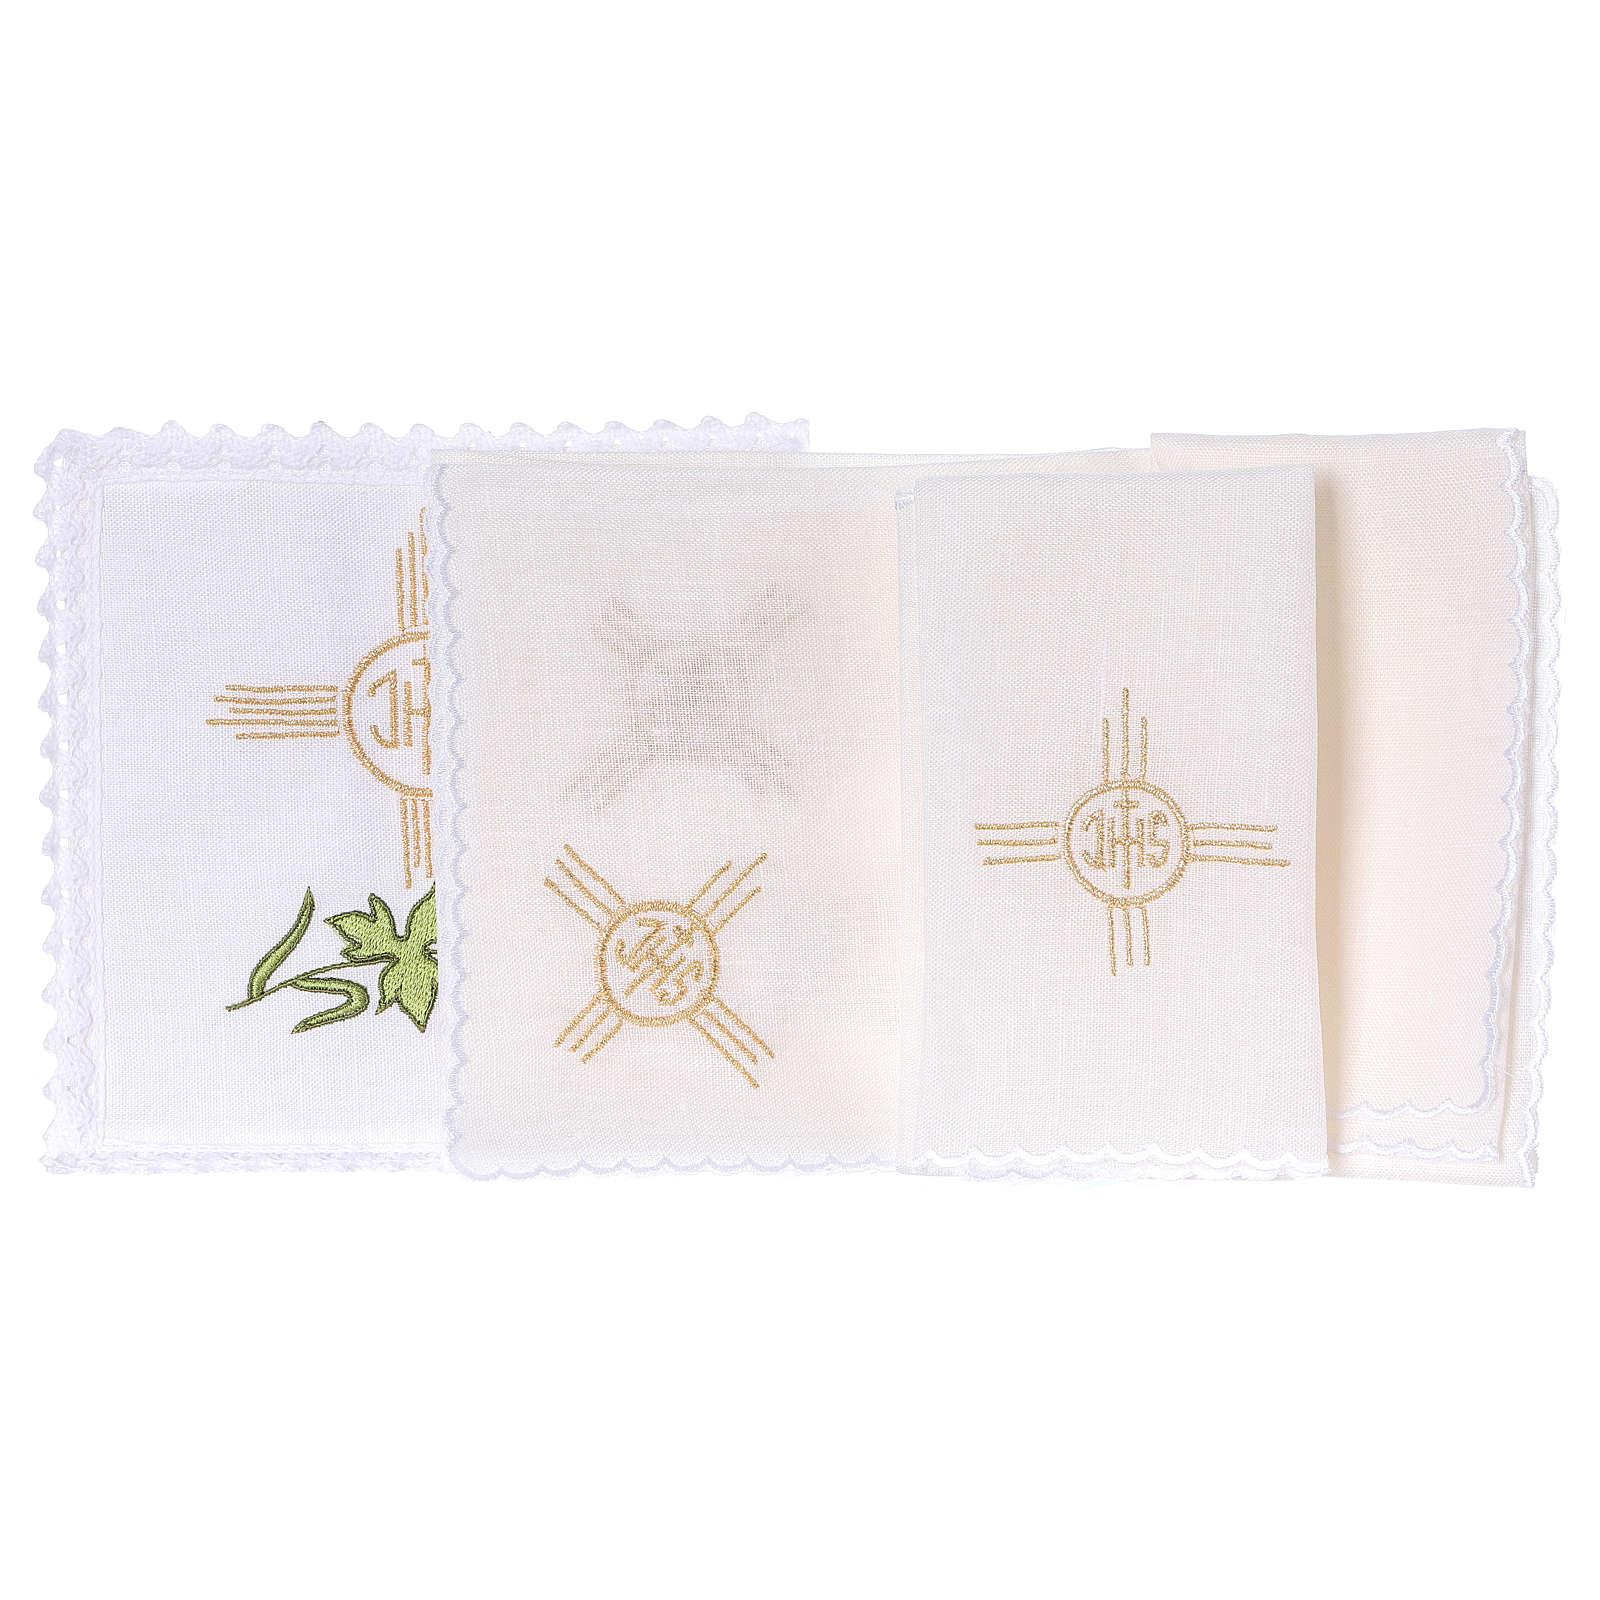 Servizio da altare lino spiga uva foglia simbolo JHS 4